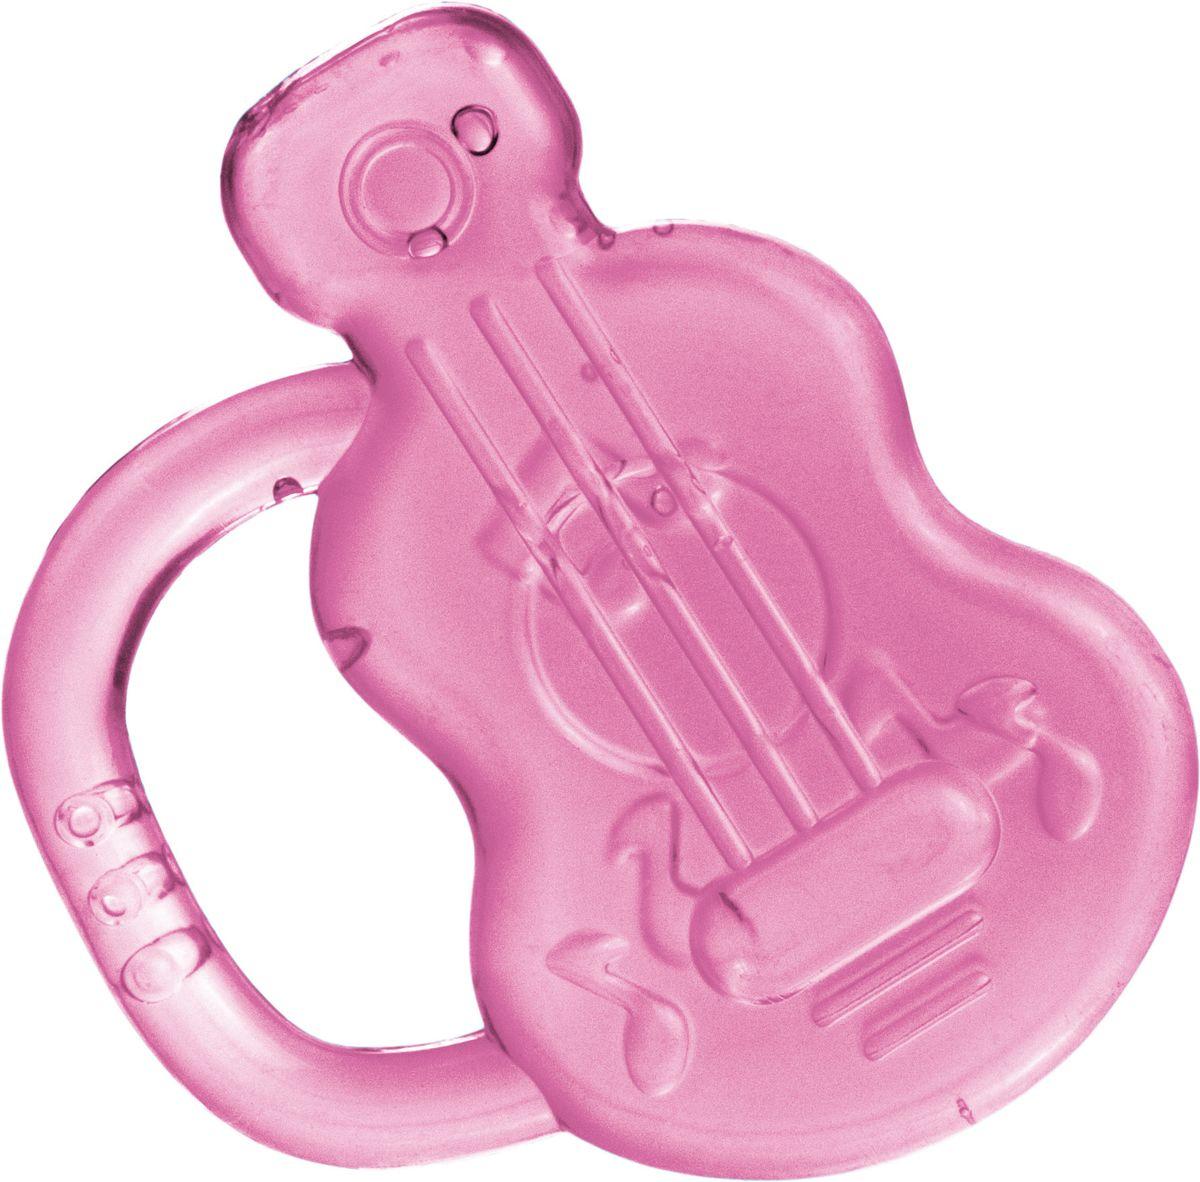 Canpol Babies Прорезыватель охлаждающий Гитара цвет розовый canpol babies прорезыватель охлаждающий ягодка цвет красный